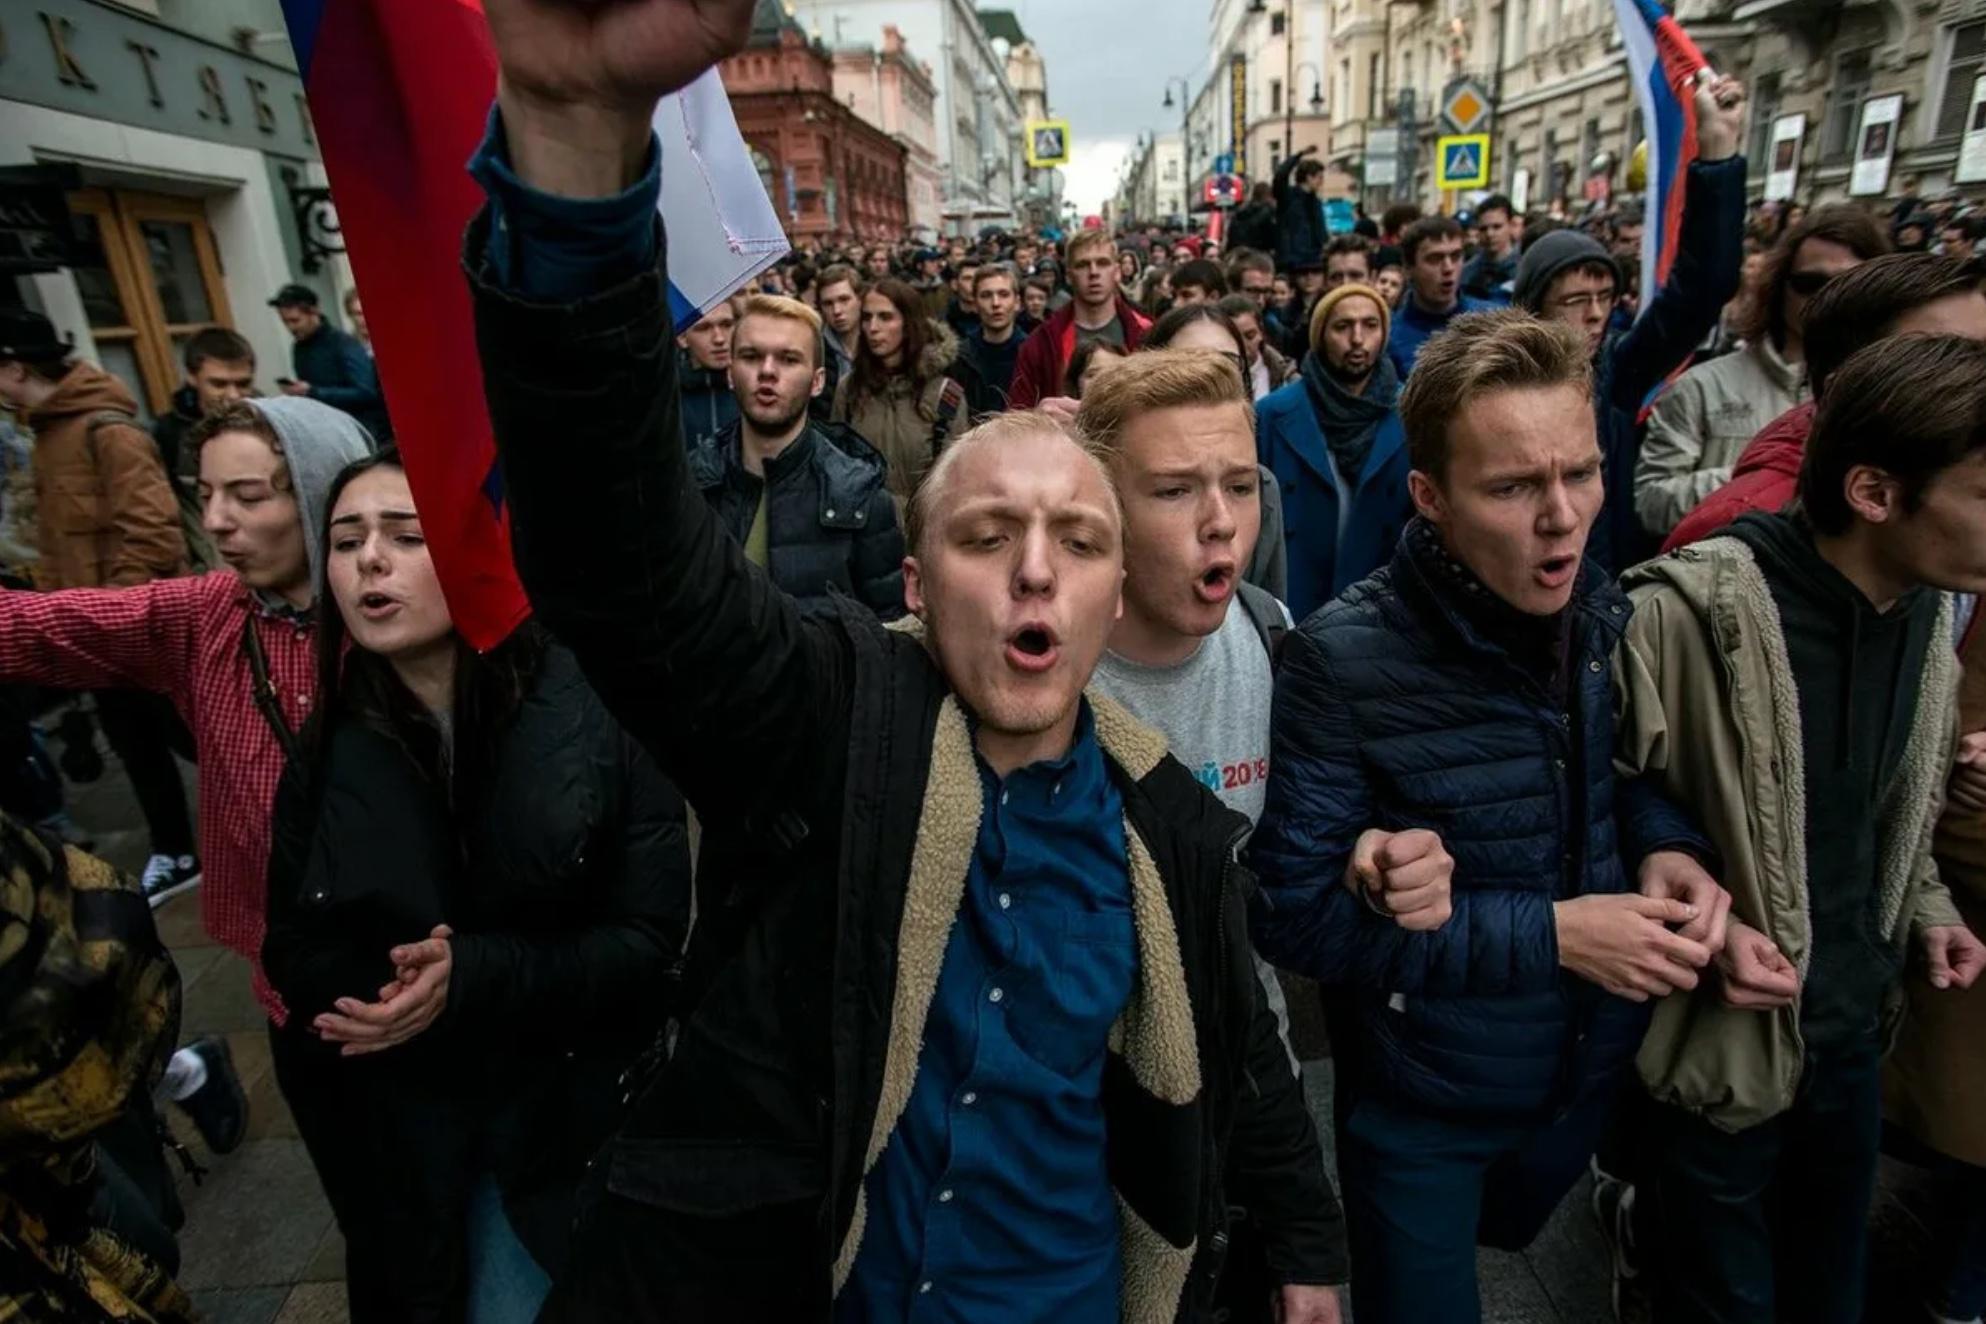 Ожидается увеличение фискального и надзорного давления на российских граждан